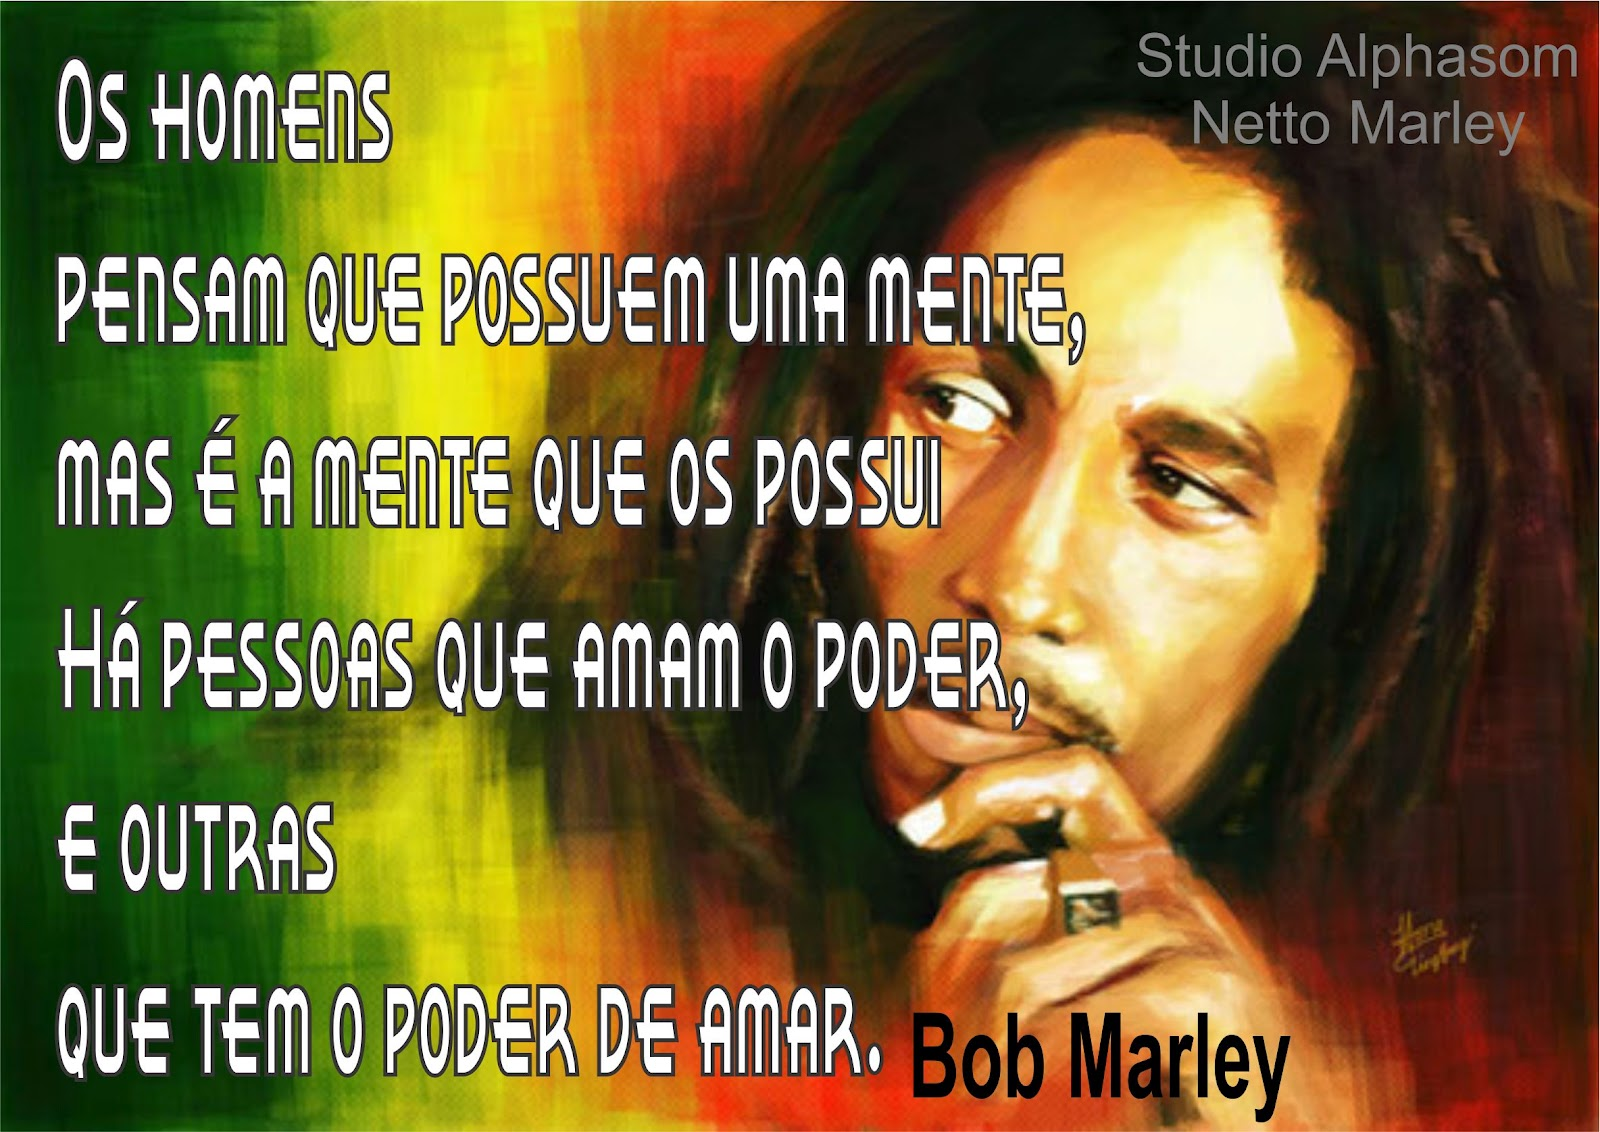 Frases do Bob Marley de paz - Portal ZUN